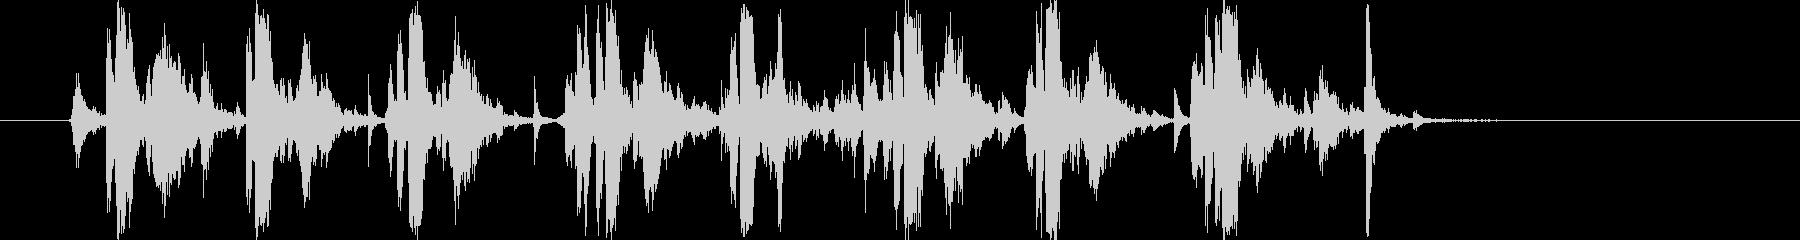 タイプライターの音(強化版)8連打の未再生の波形